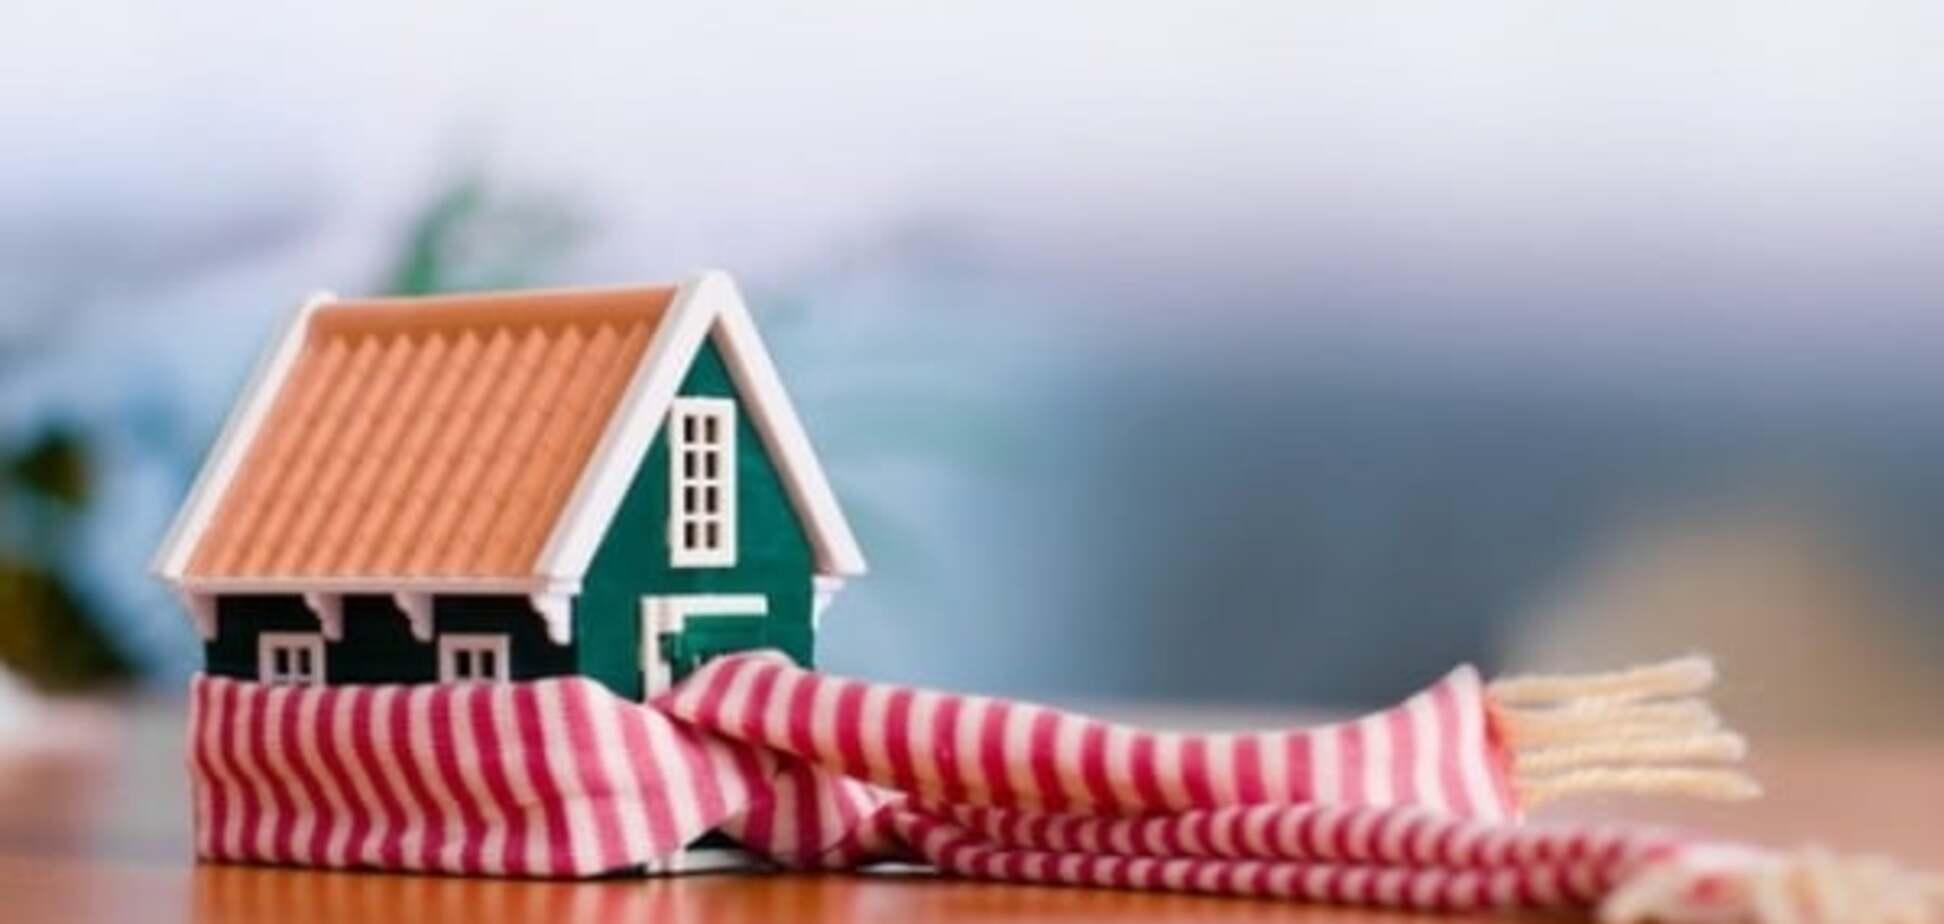 Укутаем домик пледом: собран ТОП-5 забавных объявлений об аренде жилья